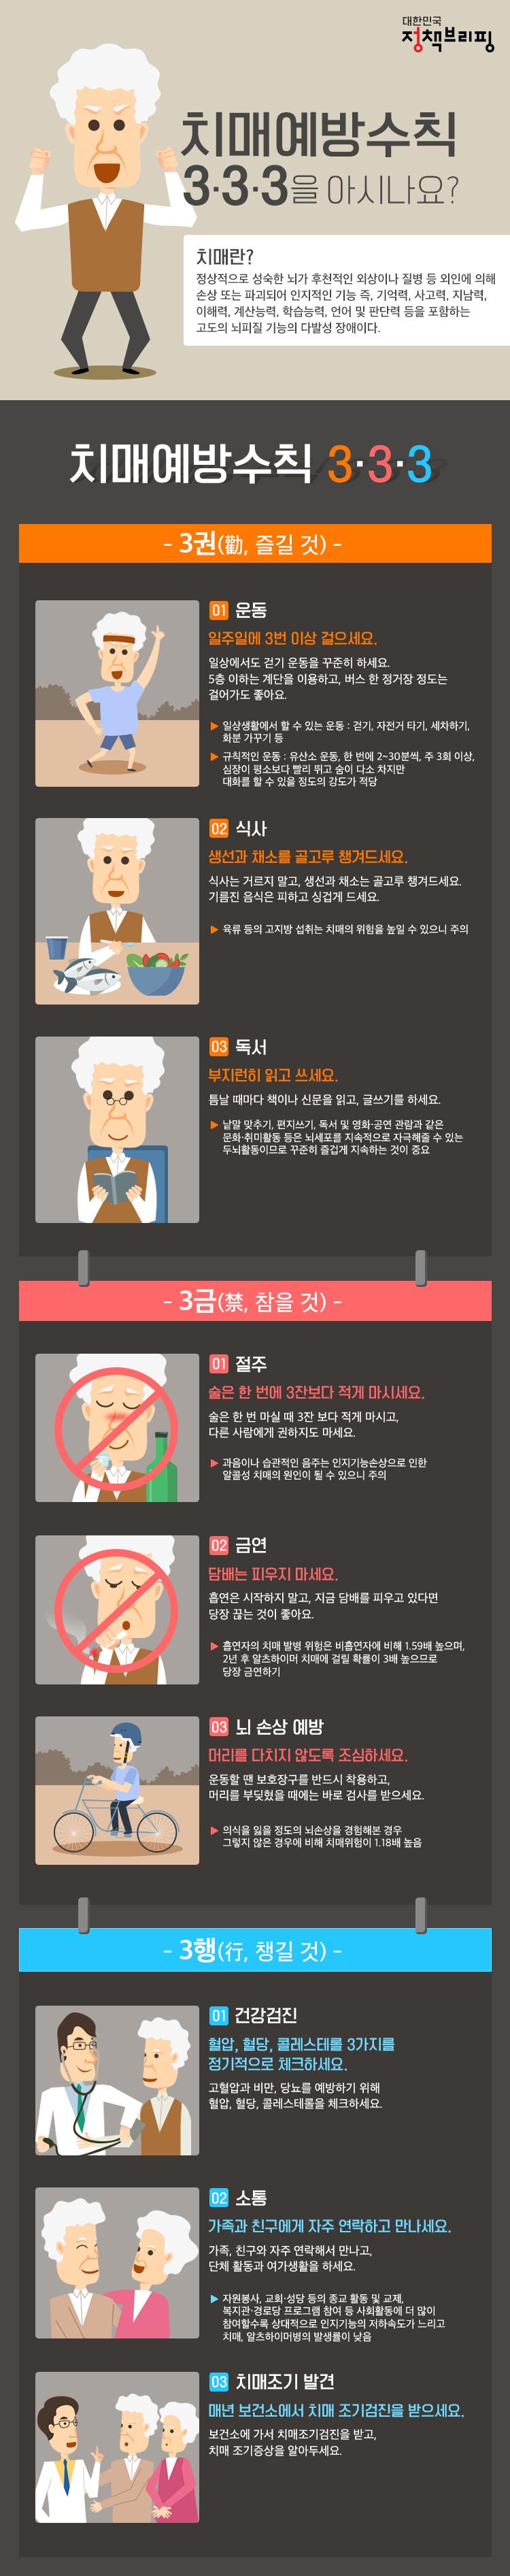 치매예방수칙